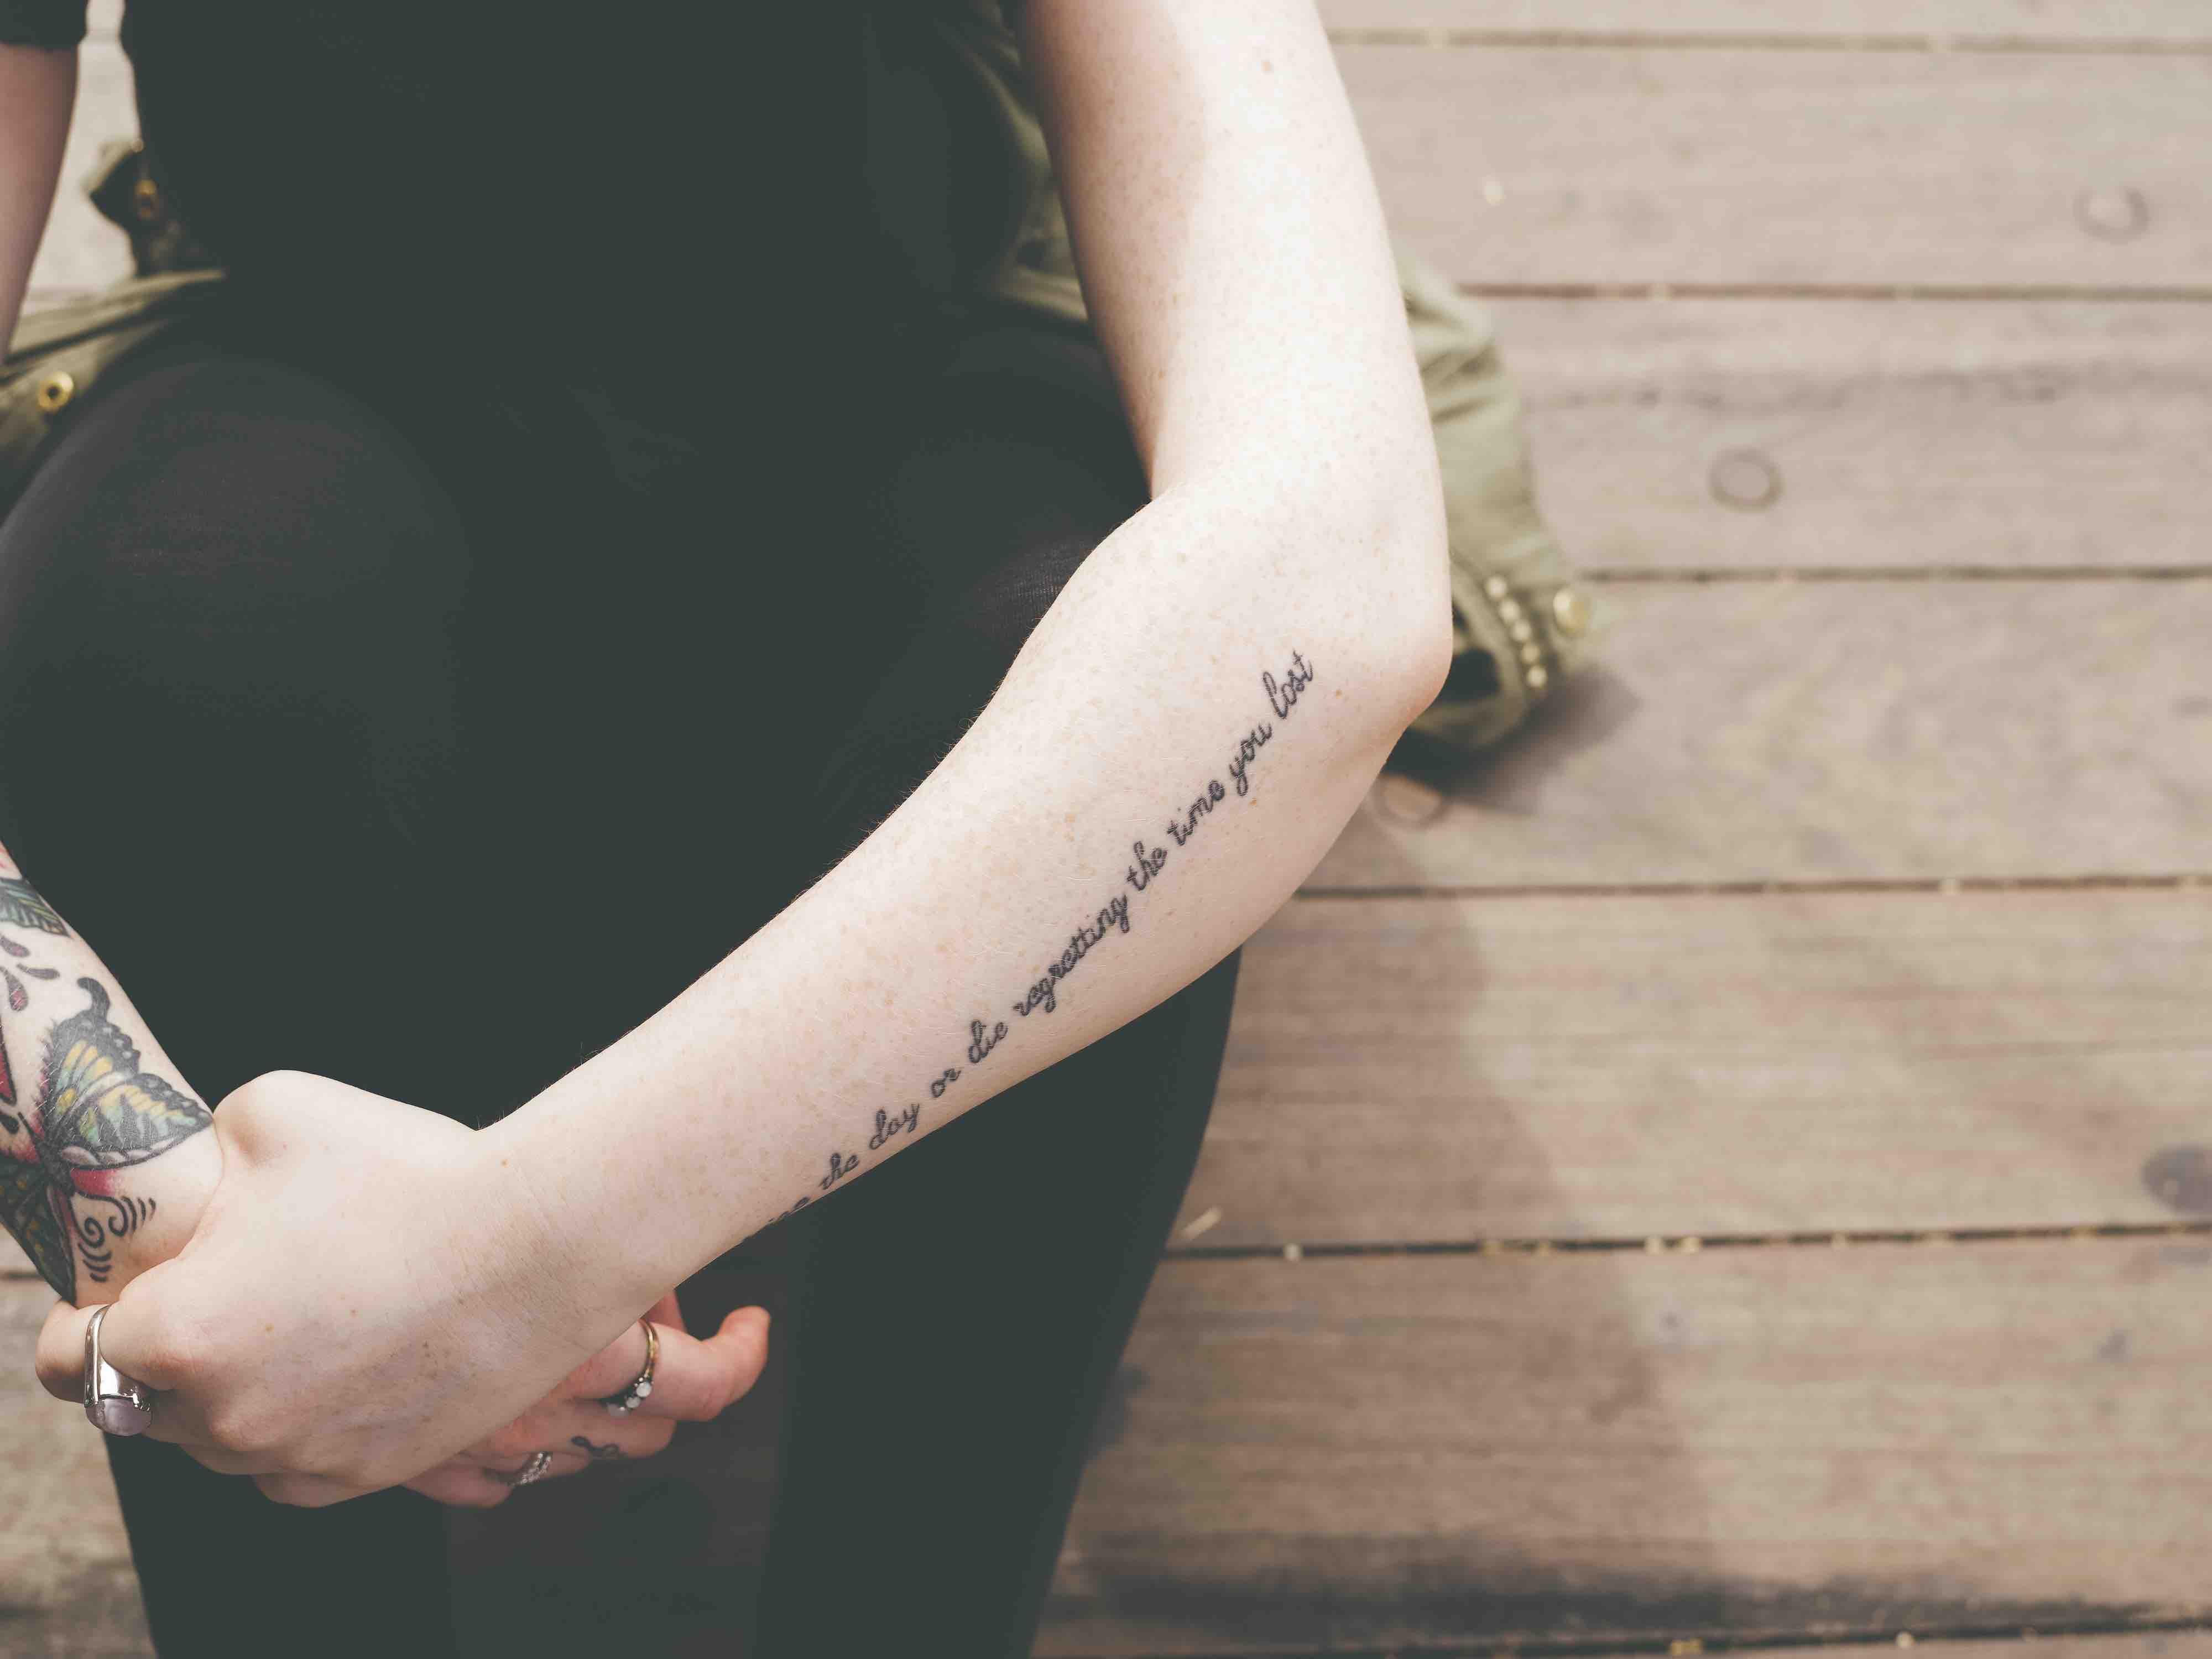 """Jeune femme assise, bras autour des jambes, avec le tatouage """"regretting the time you lost"""""""